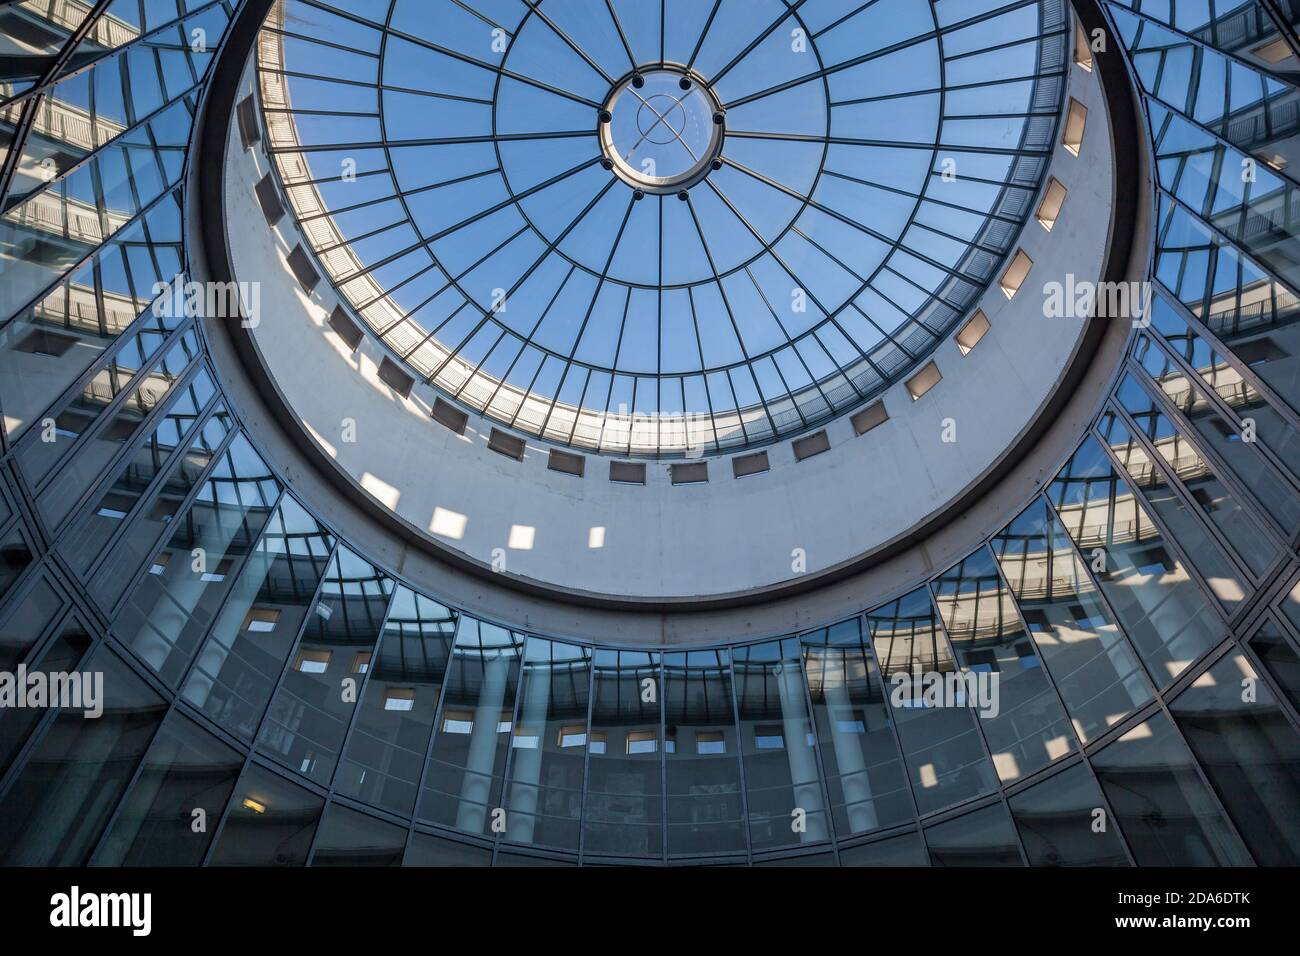 Géographie / Voyage, Allemagne, Hesse, Francfort-sur-le-main, la galerie d'art SCHIRN dans le Bendergass, Additional-Rights-Clearance-Info-not-available Banque D'Images